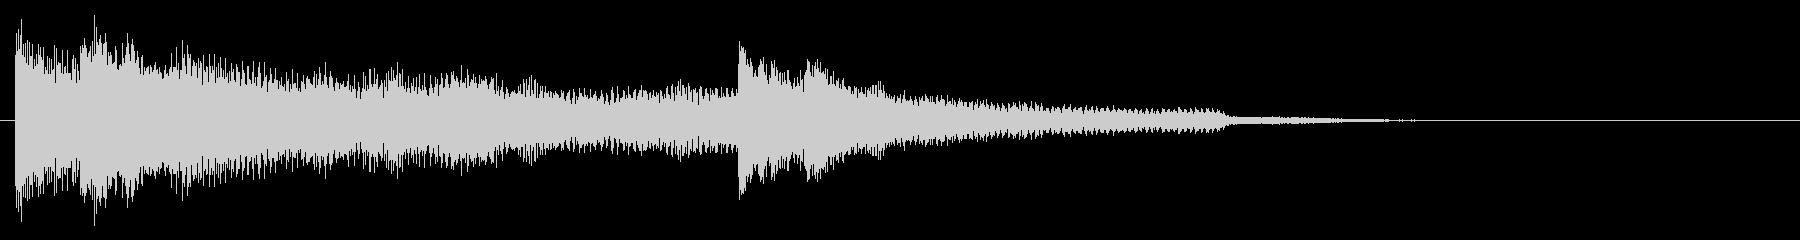 ピアノとシンセベル音のサウンドロゴの未再生の波形